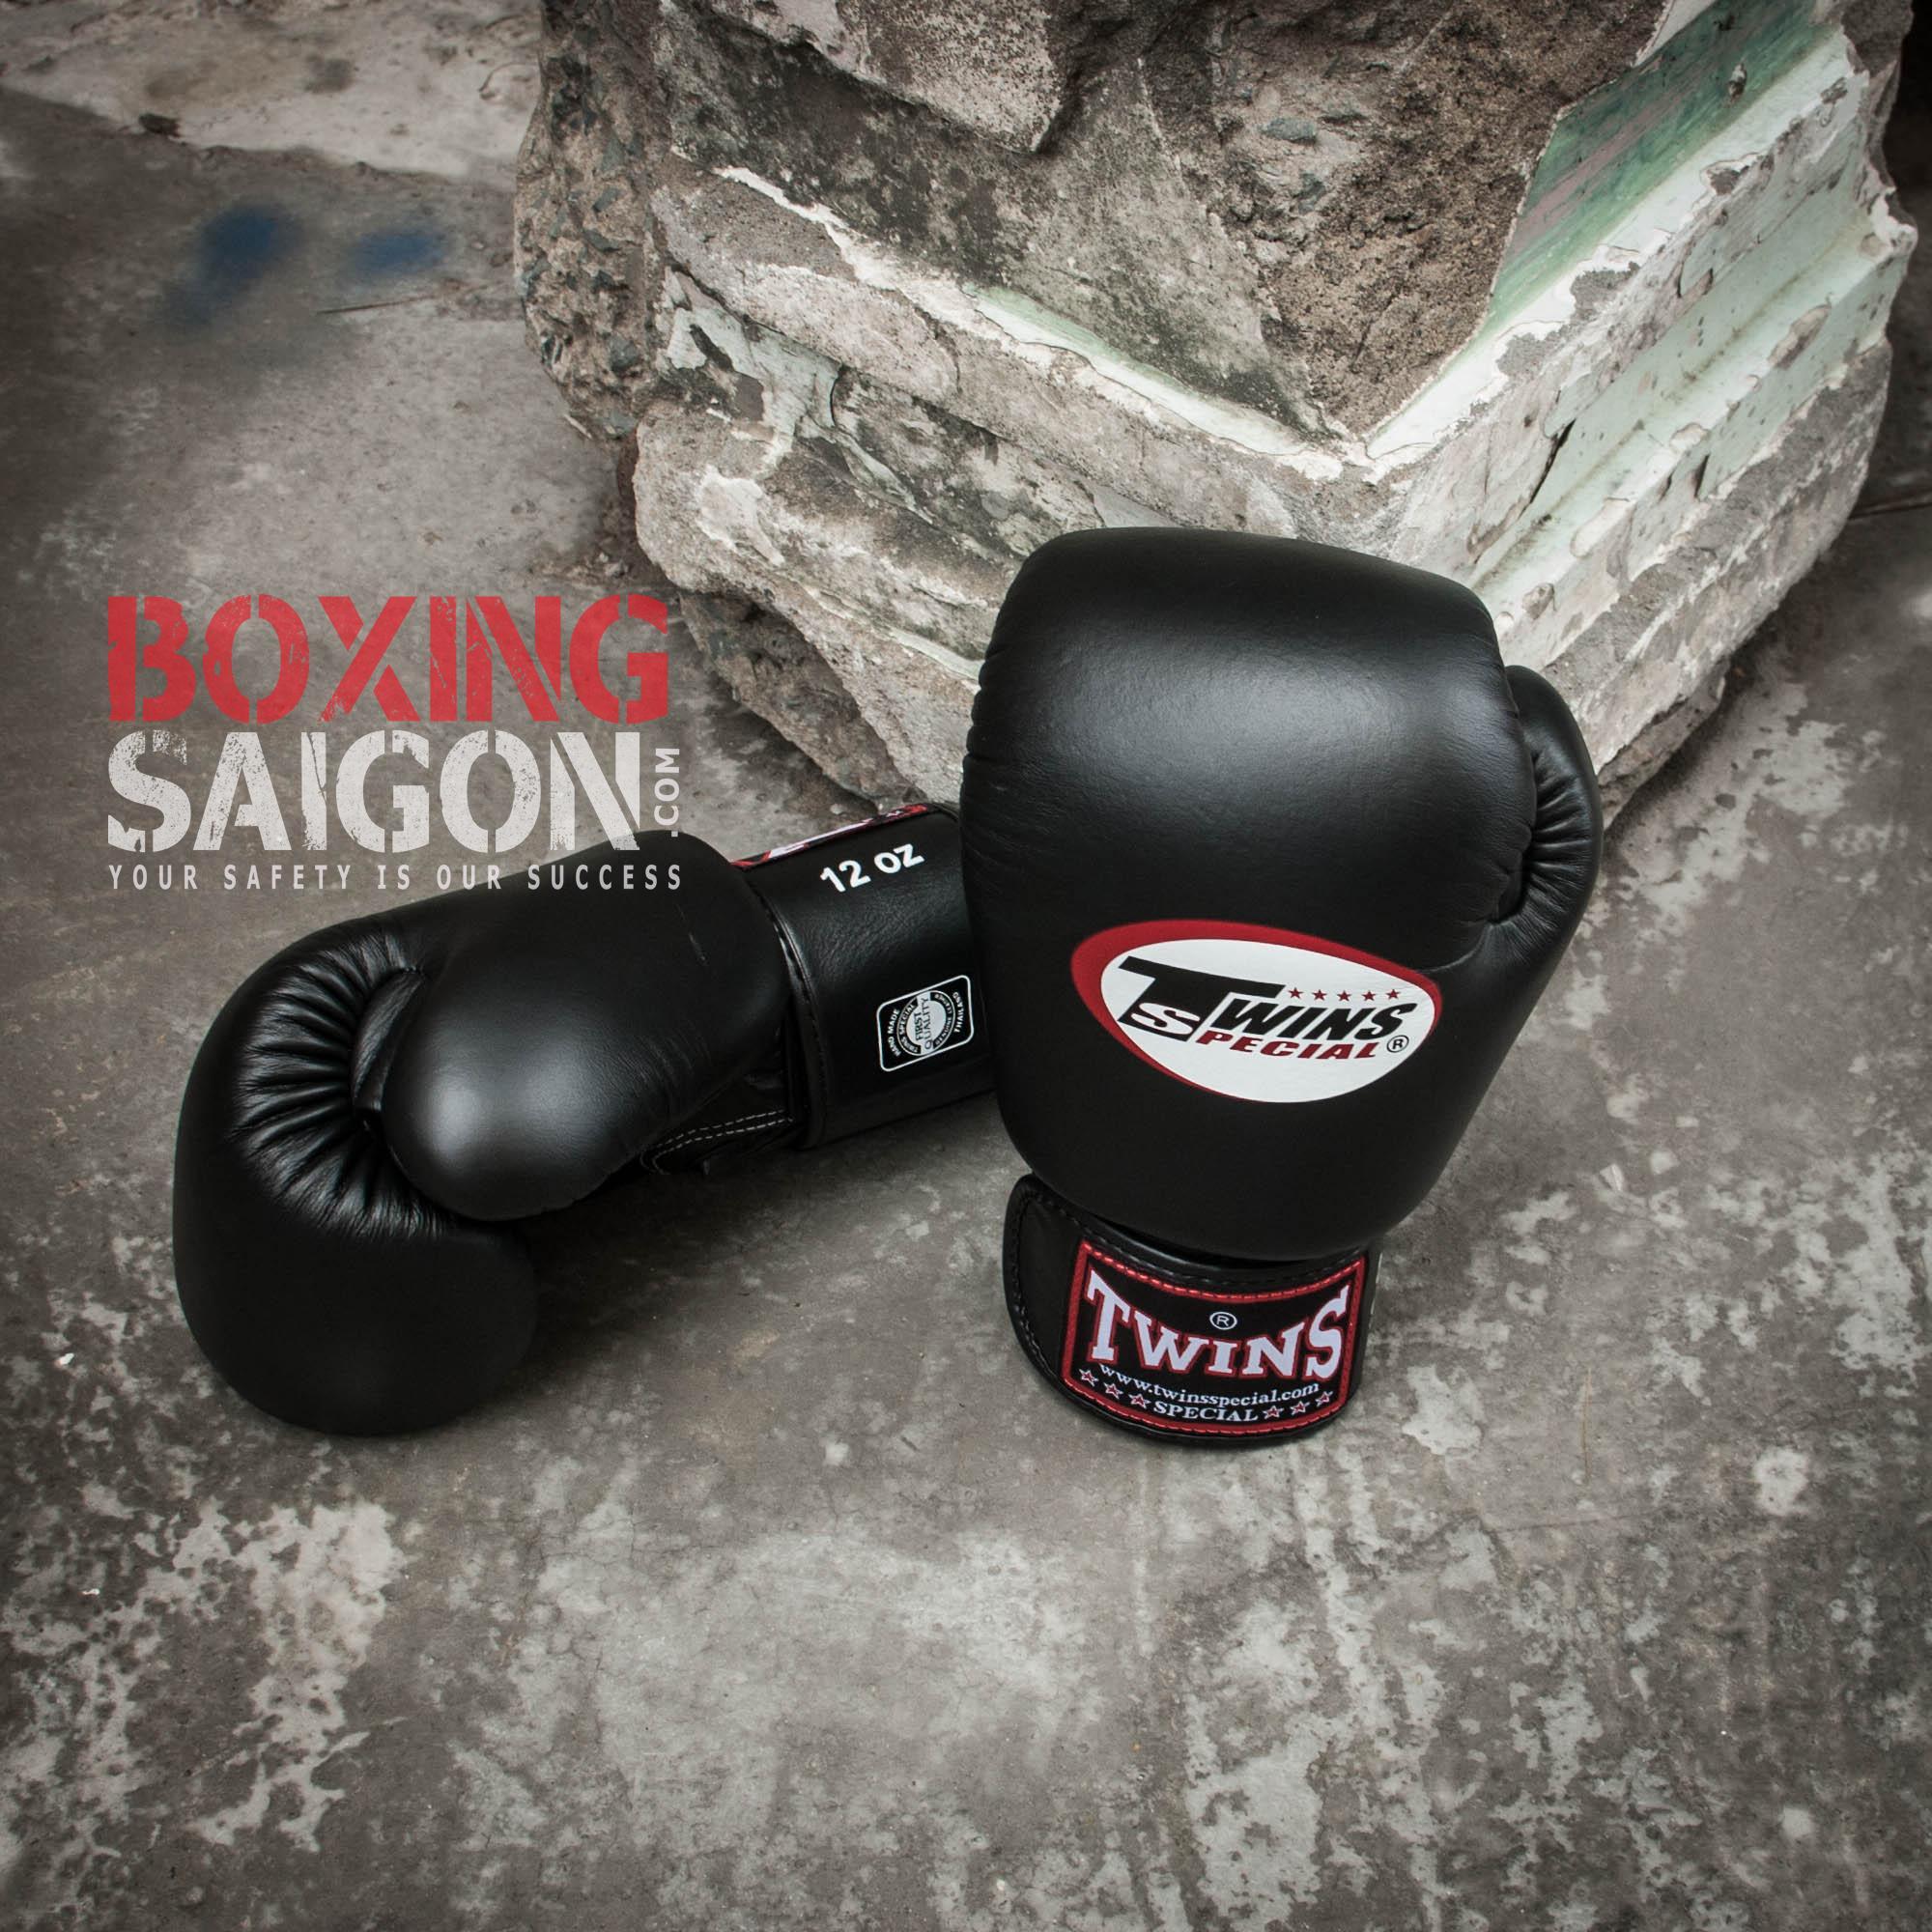 Găng Tay Boxing Muay Thai Twins Thái Lan ( Đen ) Đang Khuyến Mãi